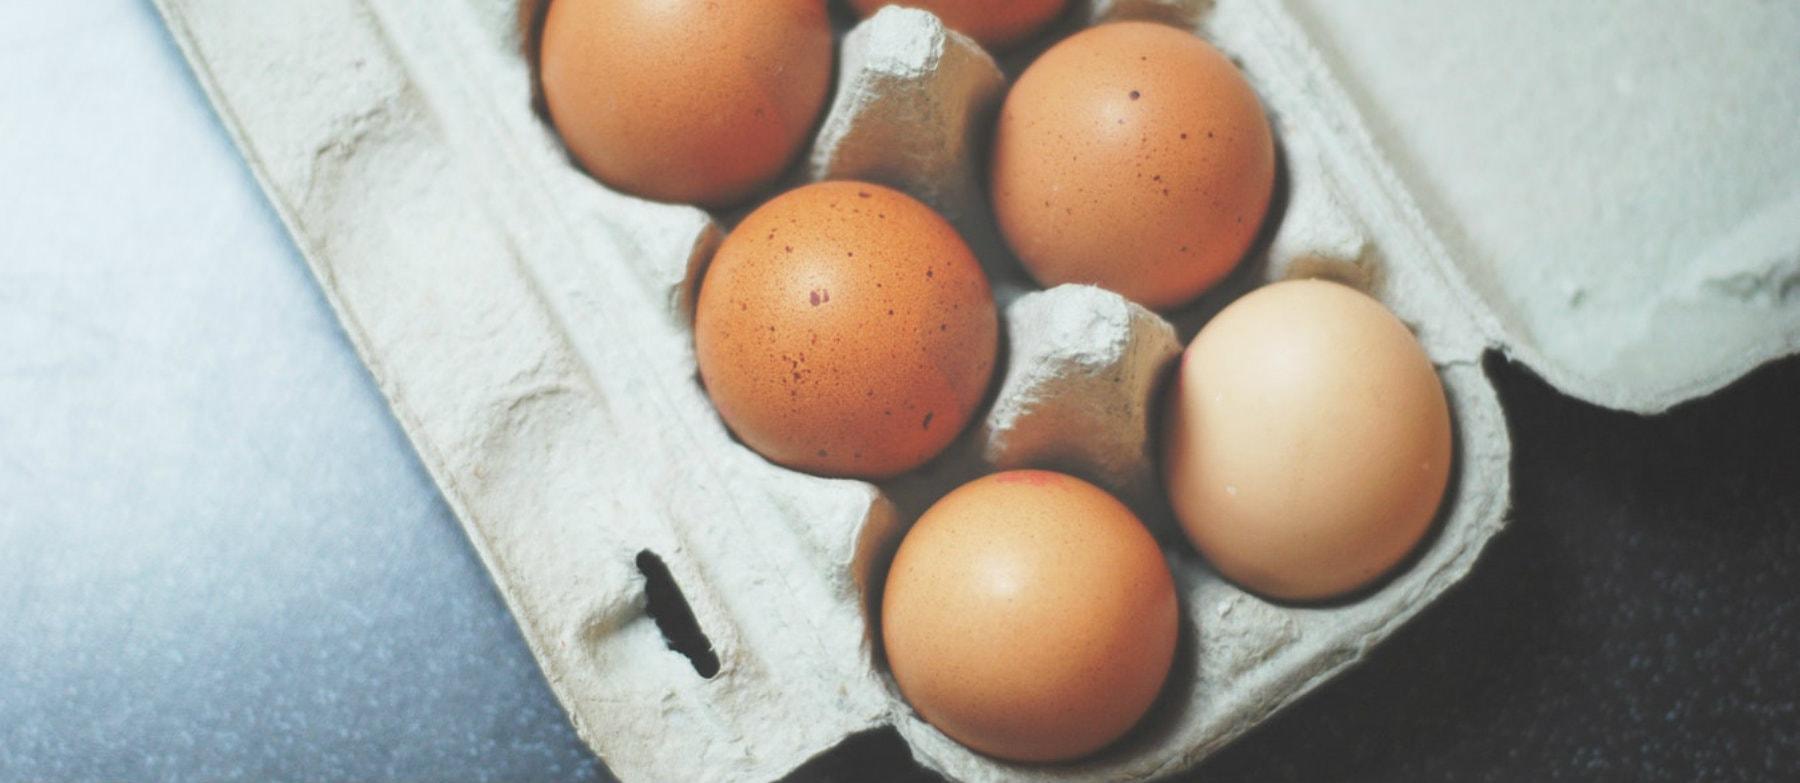 Paniers d'œufs salés à faible teneur en glucides | Recette Petit déjeuner & Déjeuner